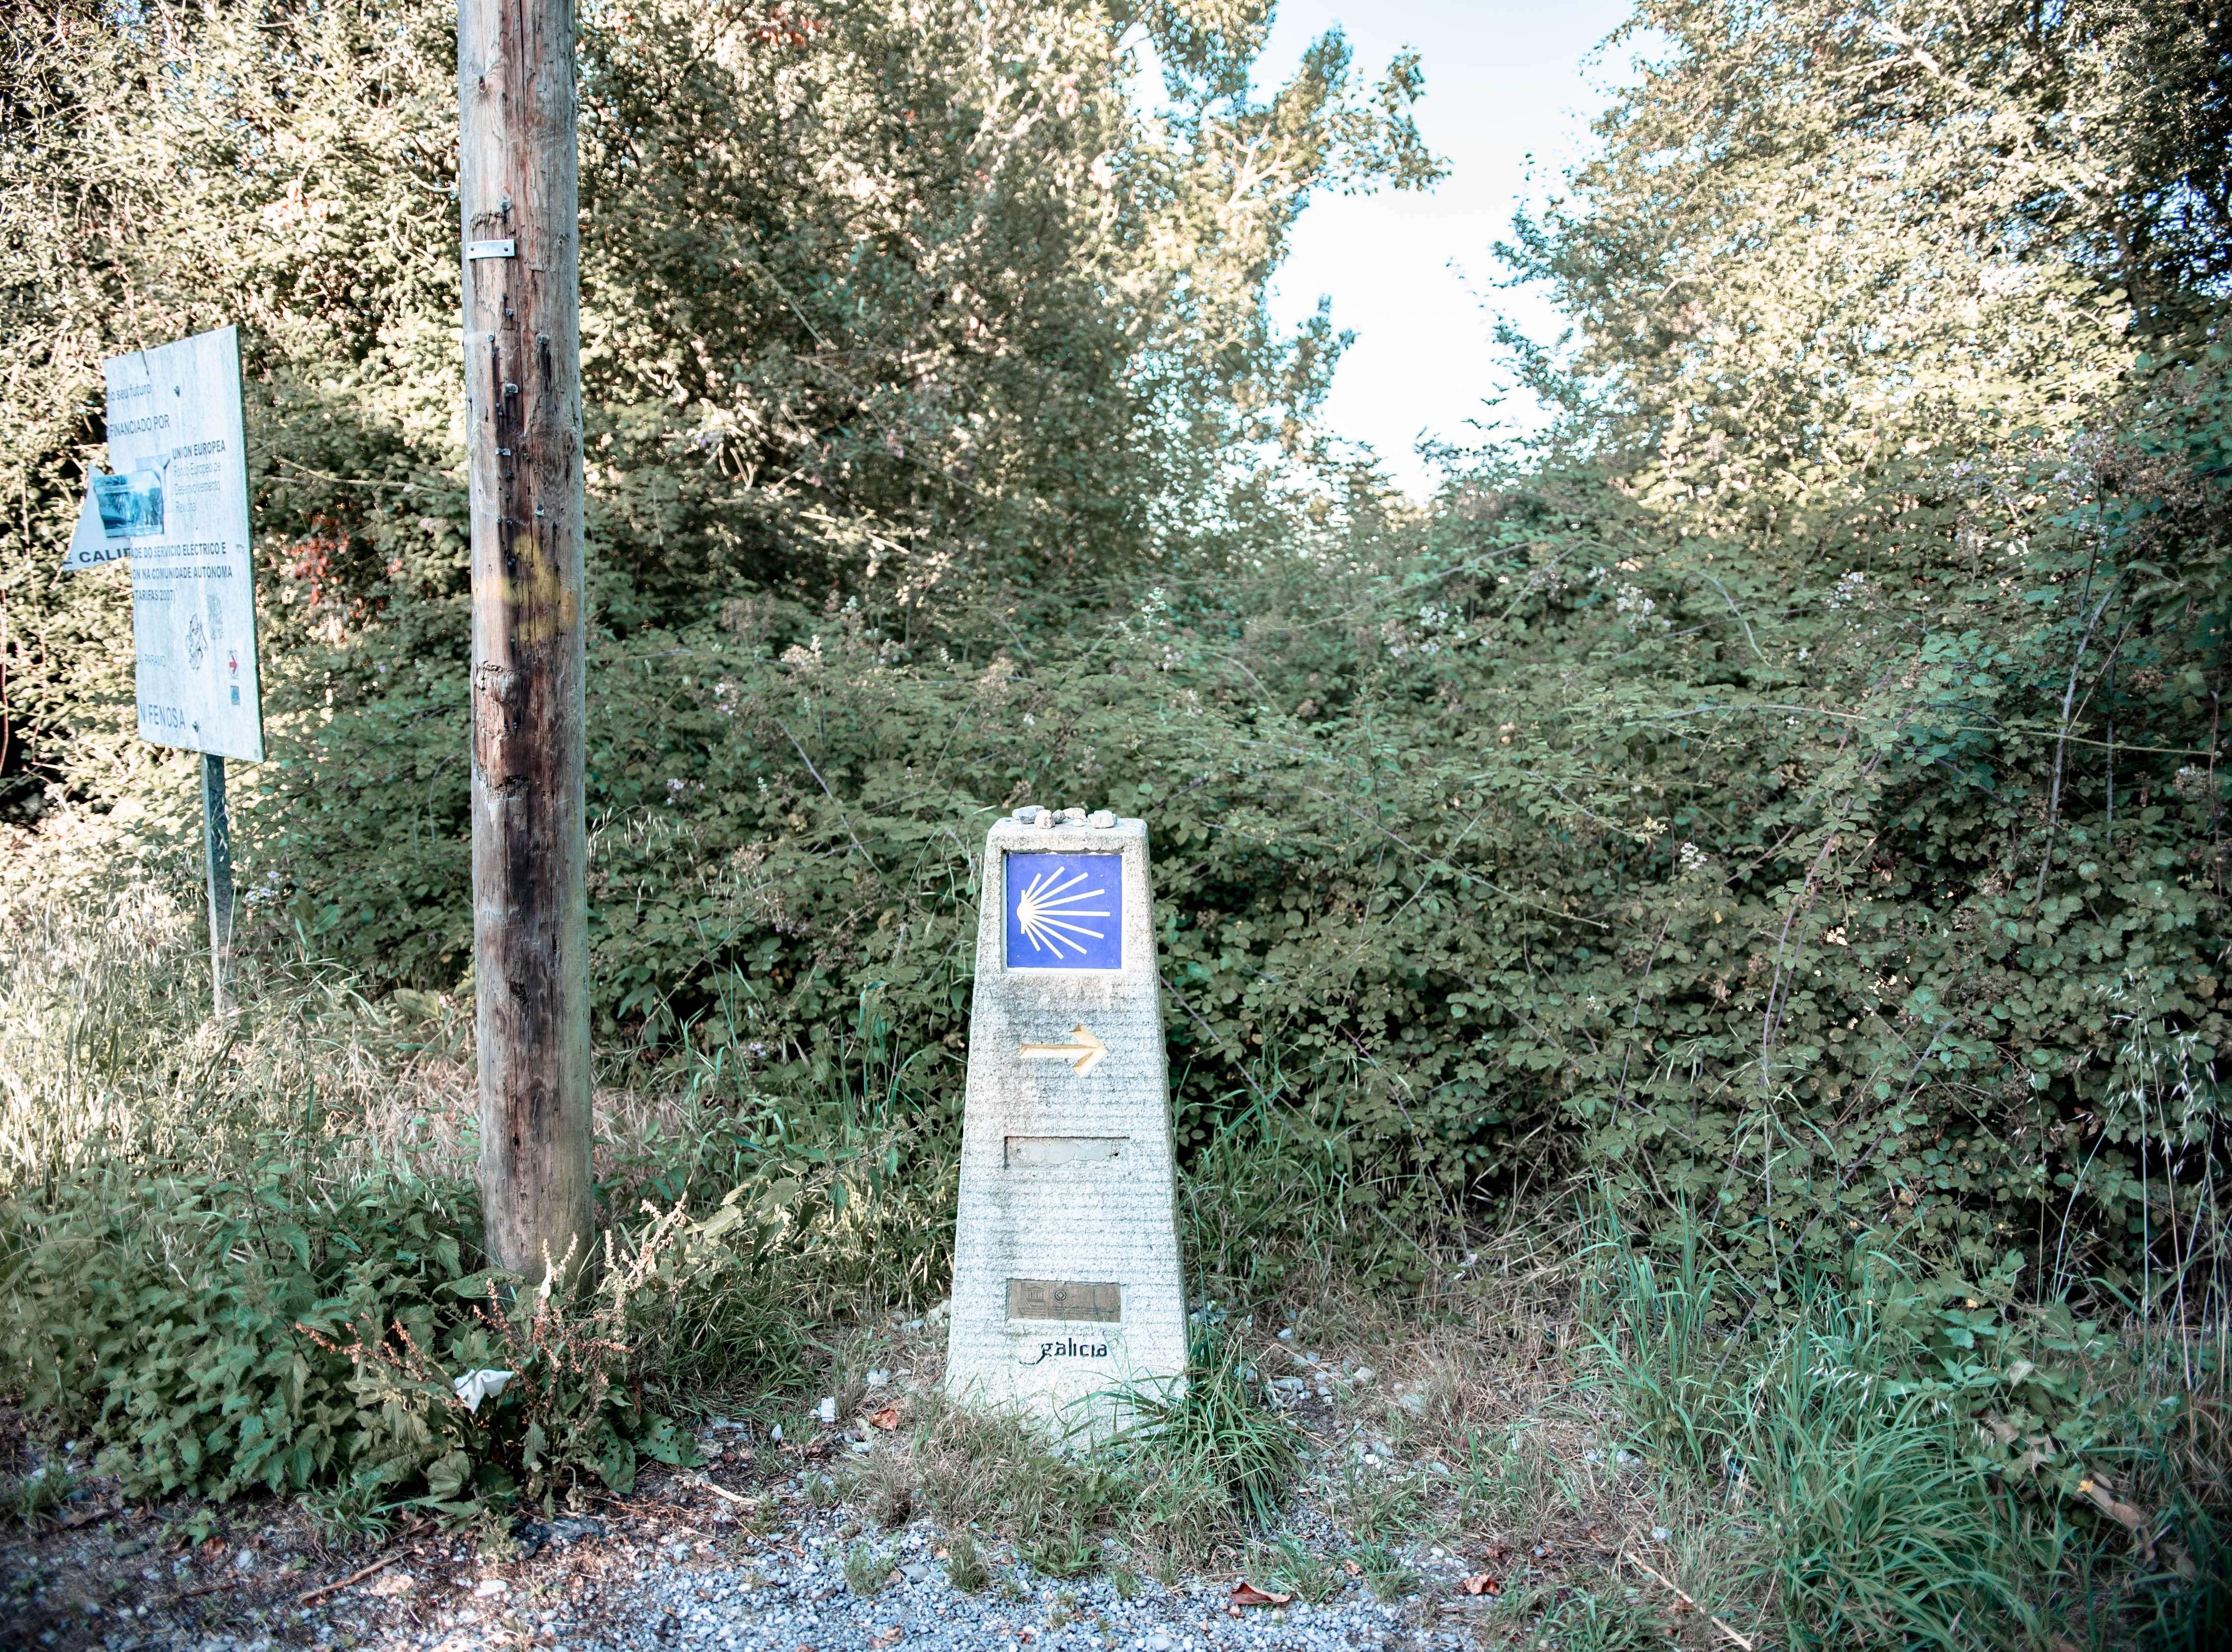 Marker Camino de Santiago